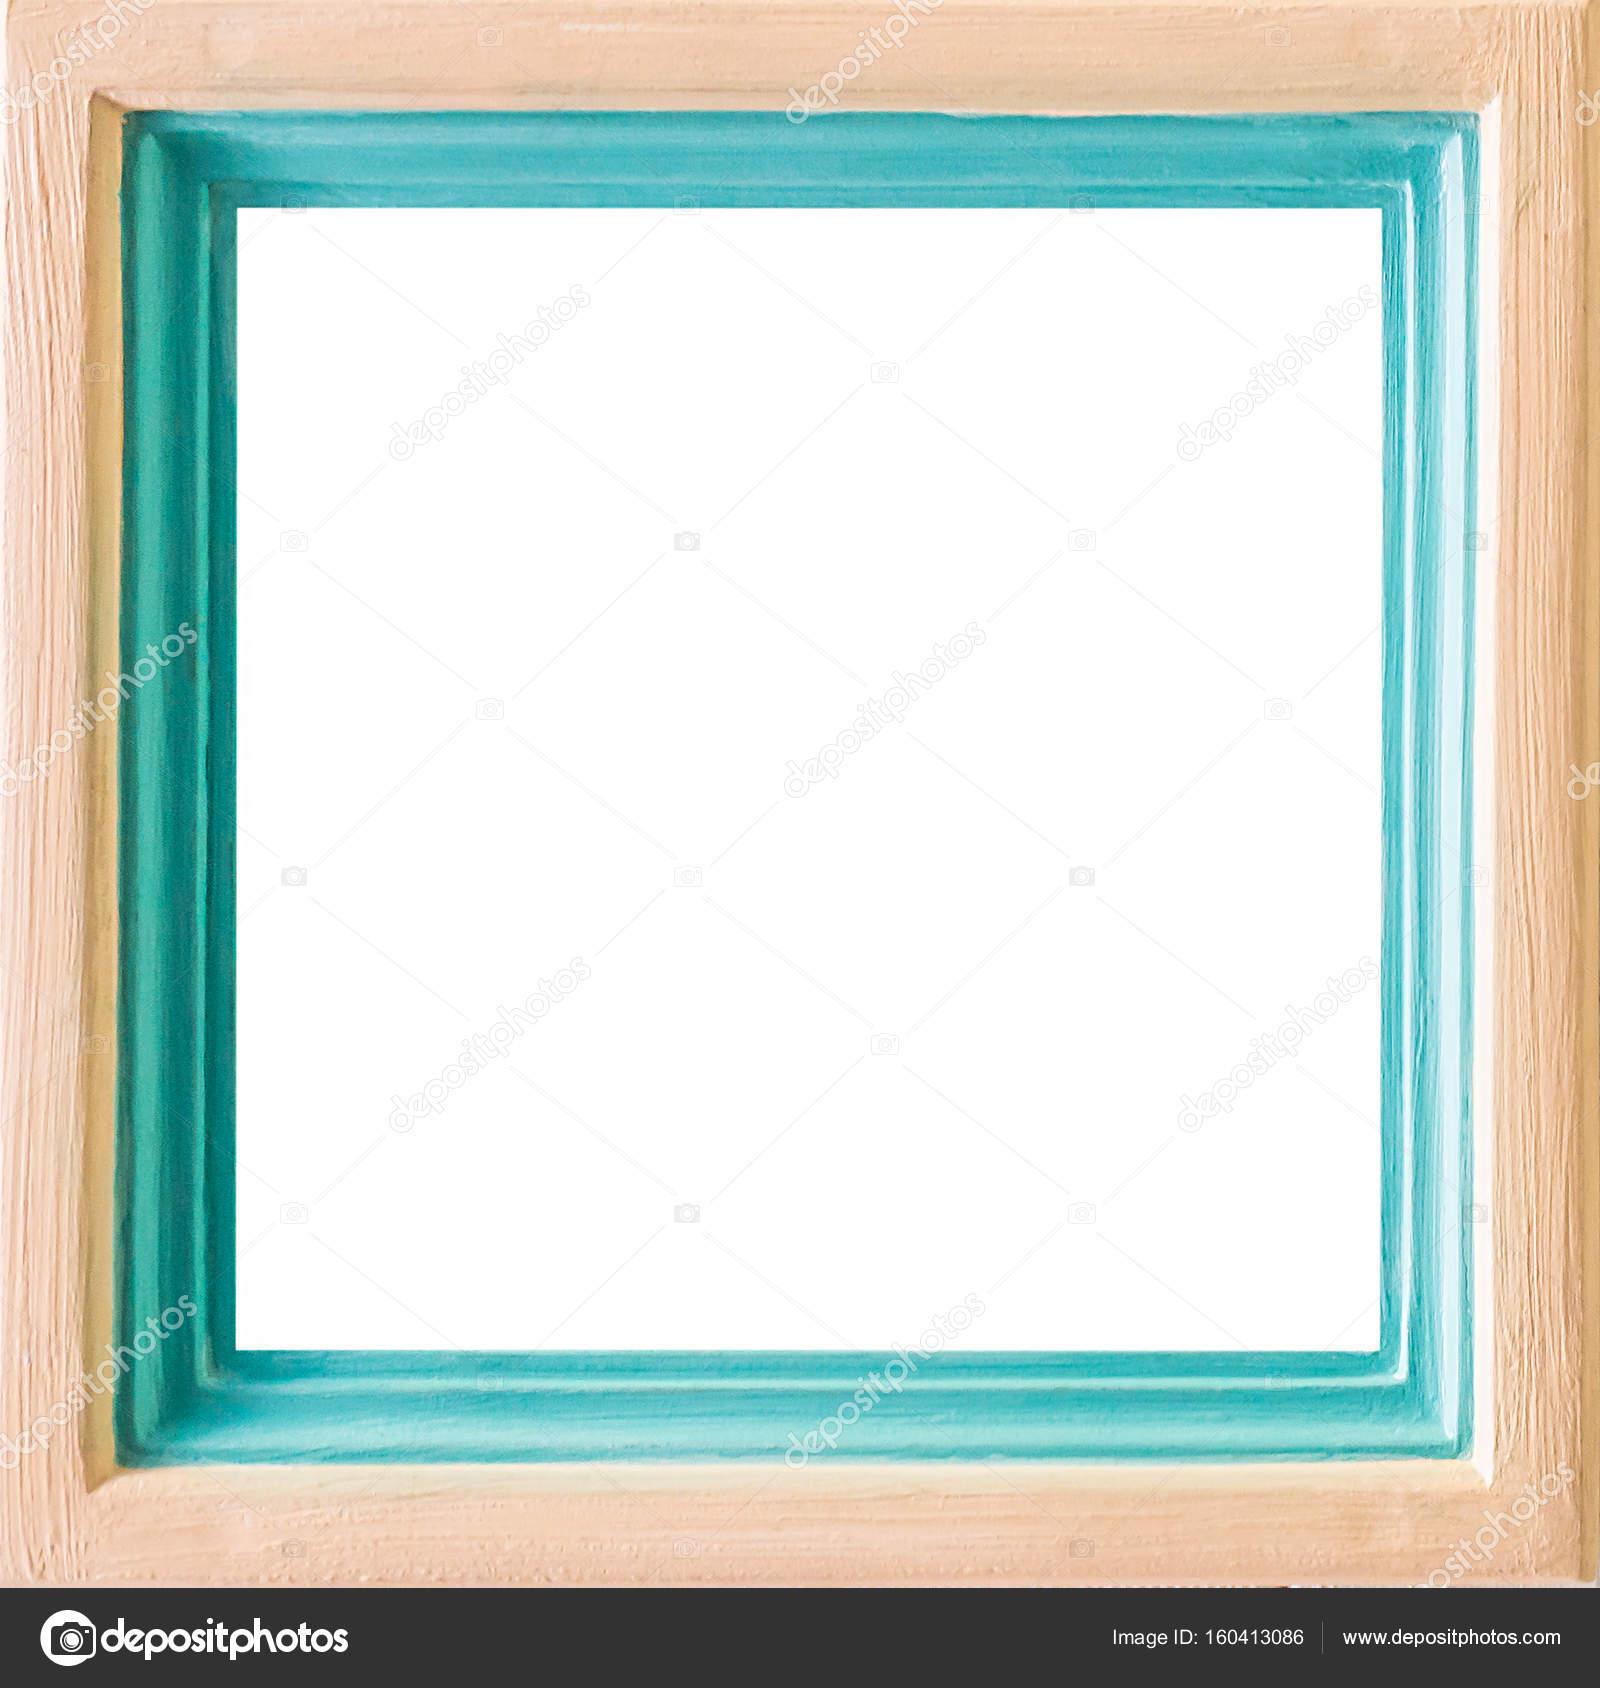 Holz und grün eingerahmt mit leeren Textfreiraum — Stockfoto ...